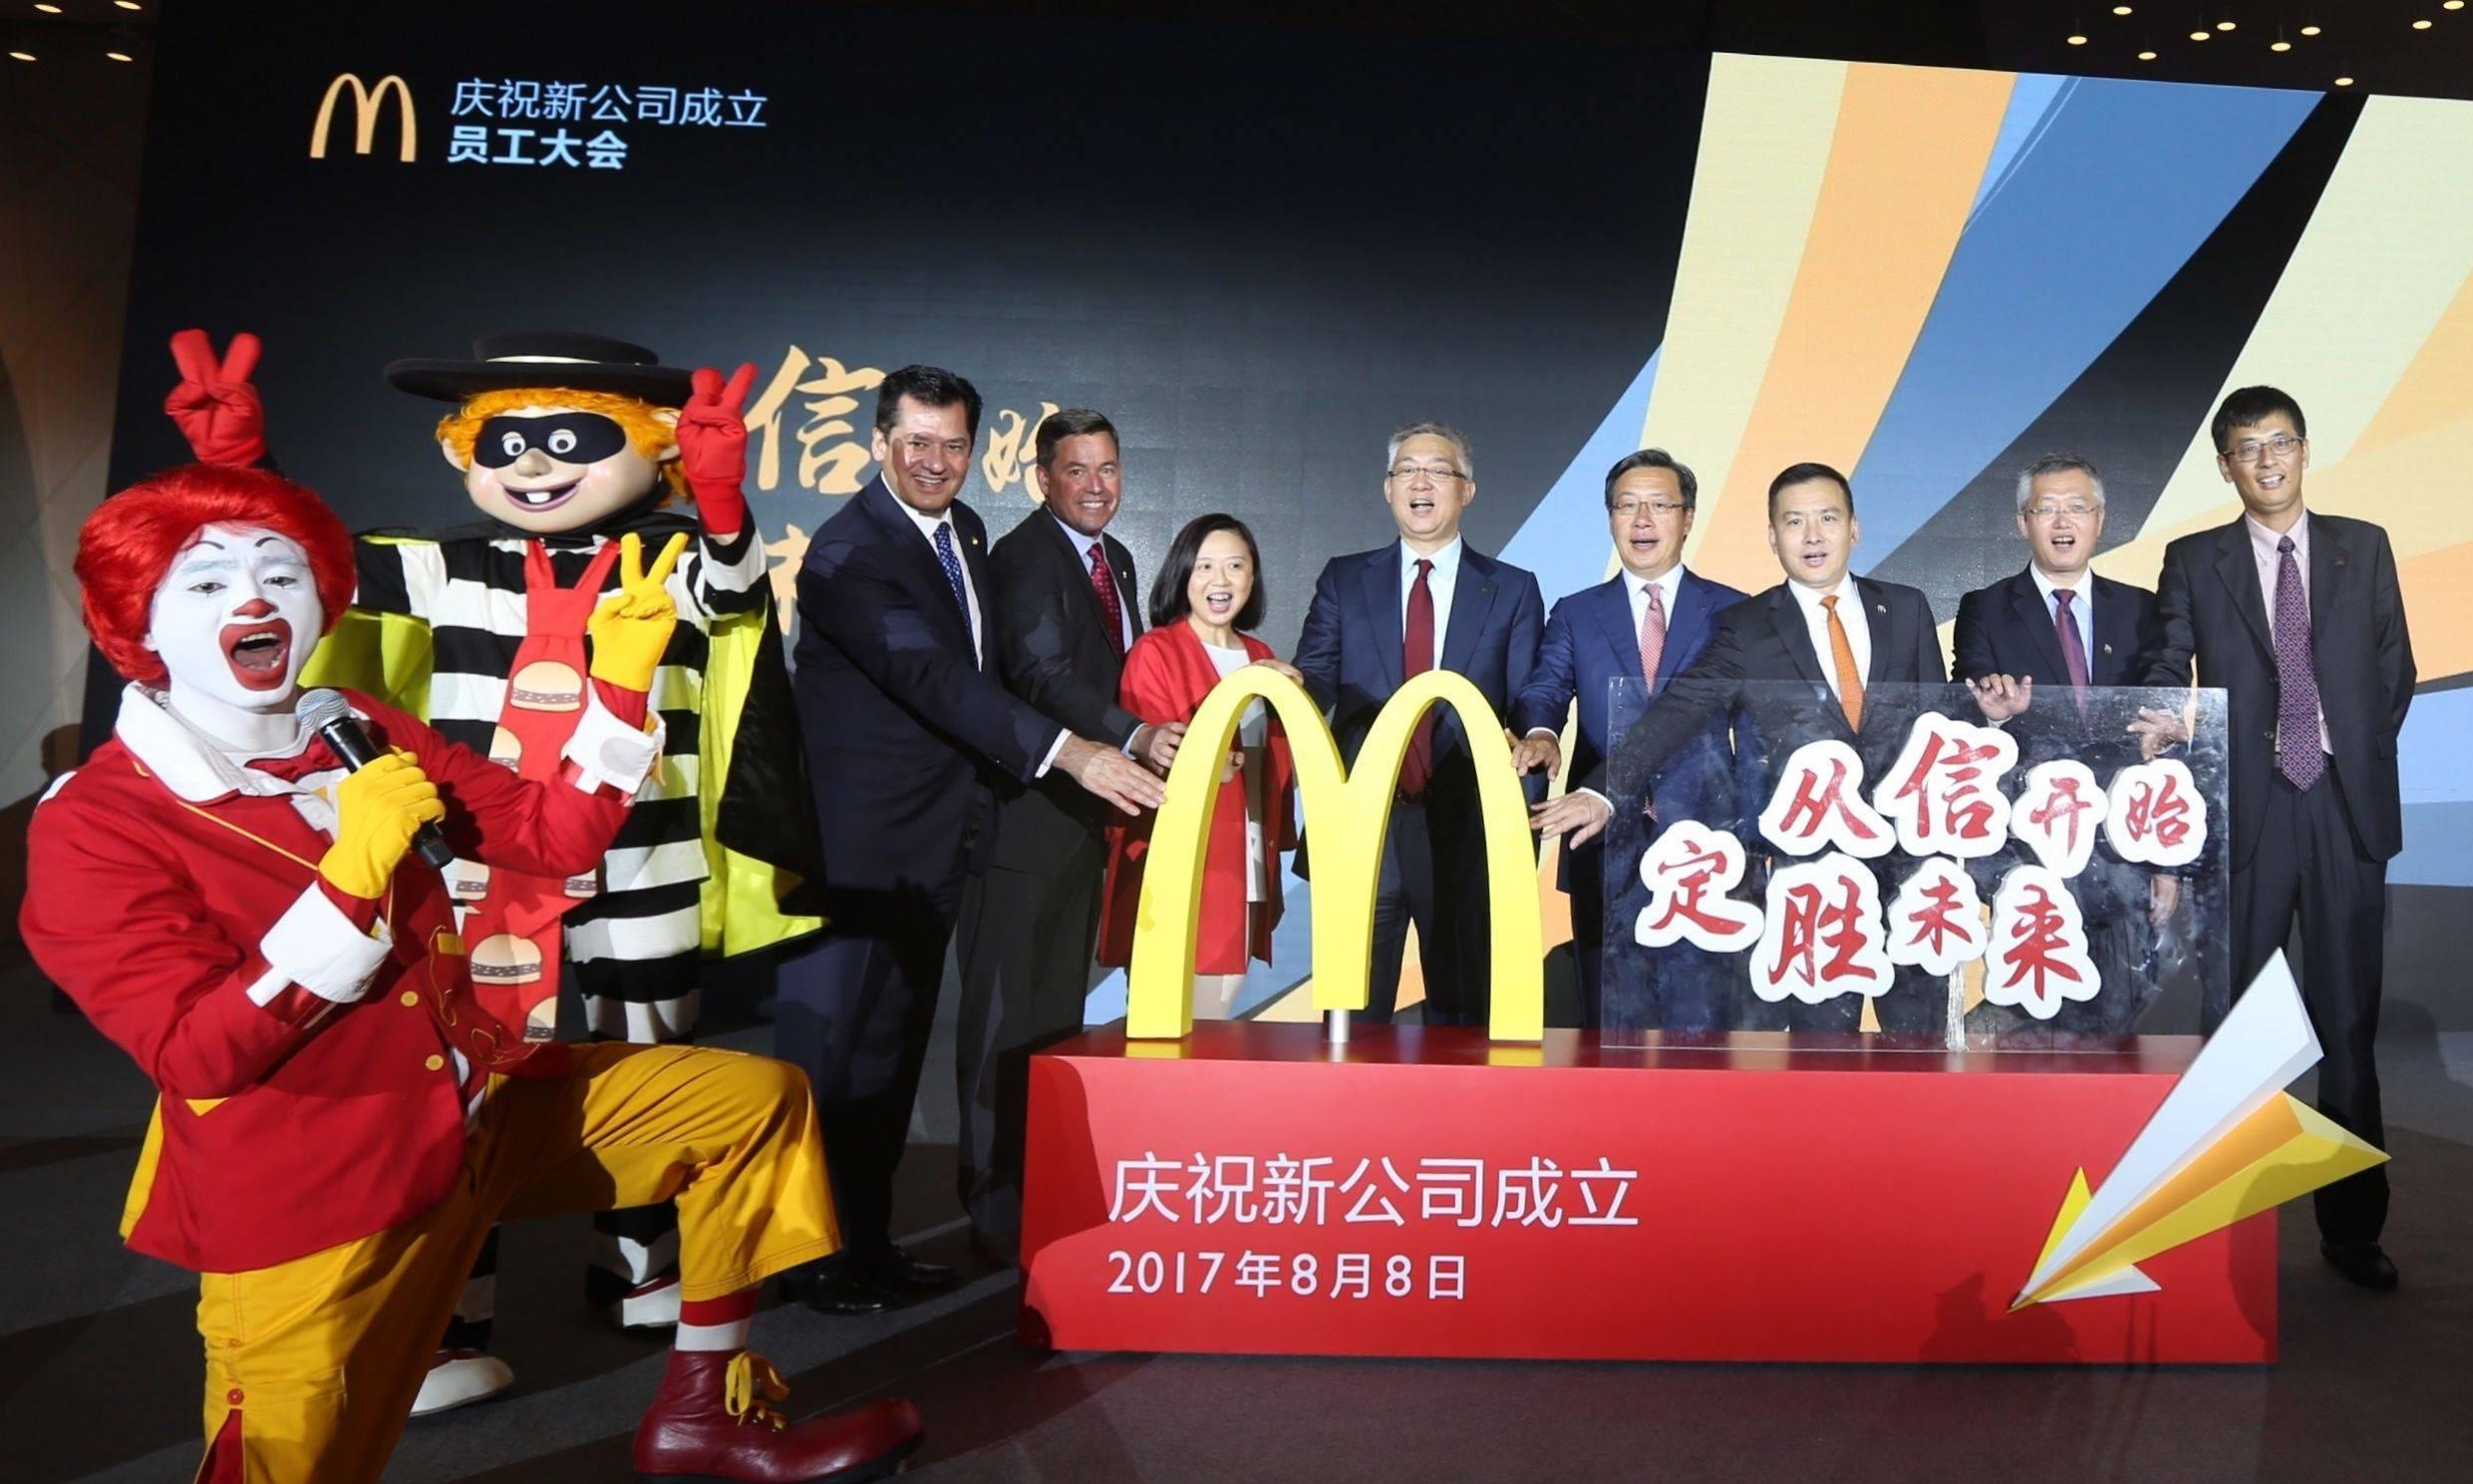 新麦当劳中国董事会在启动仪式上.jpg